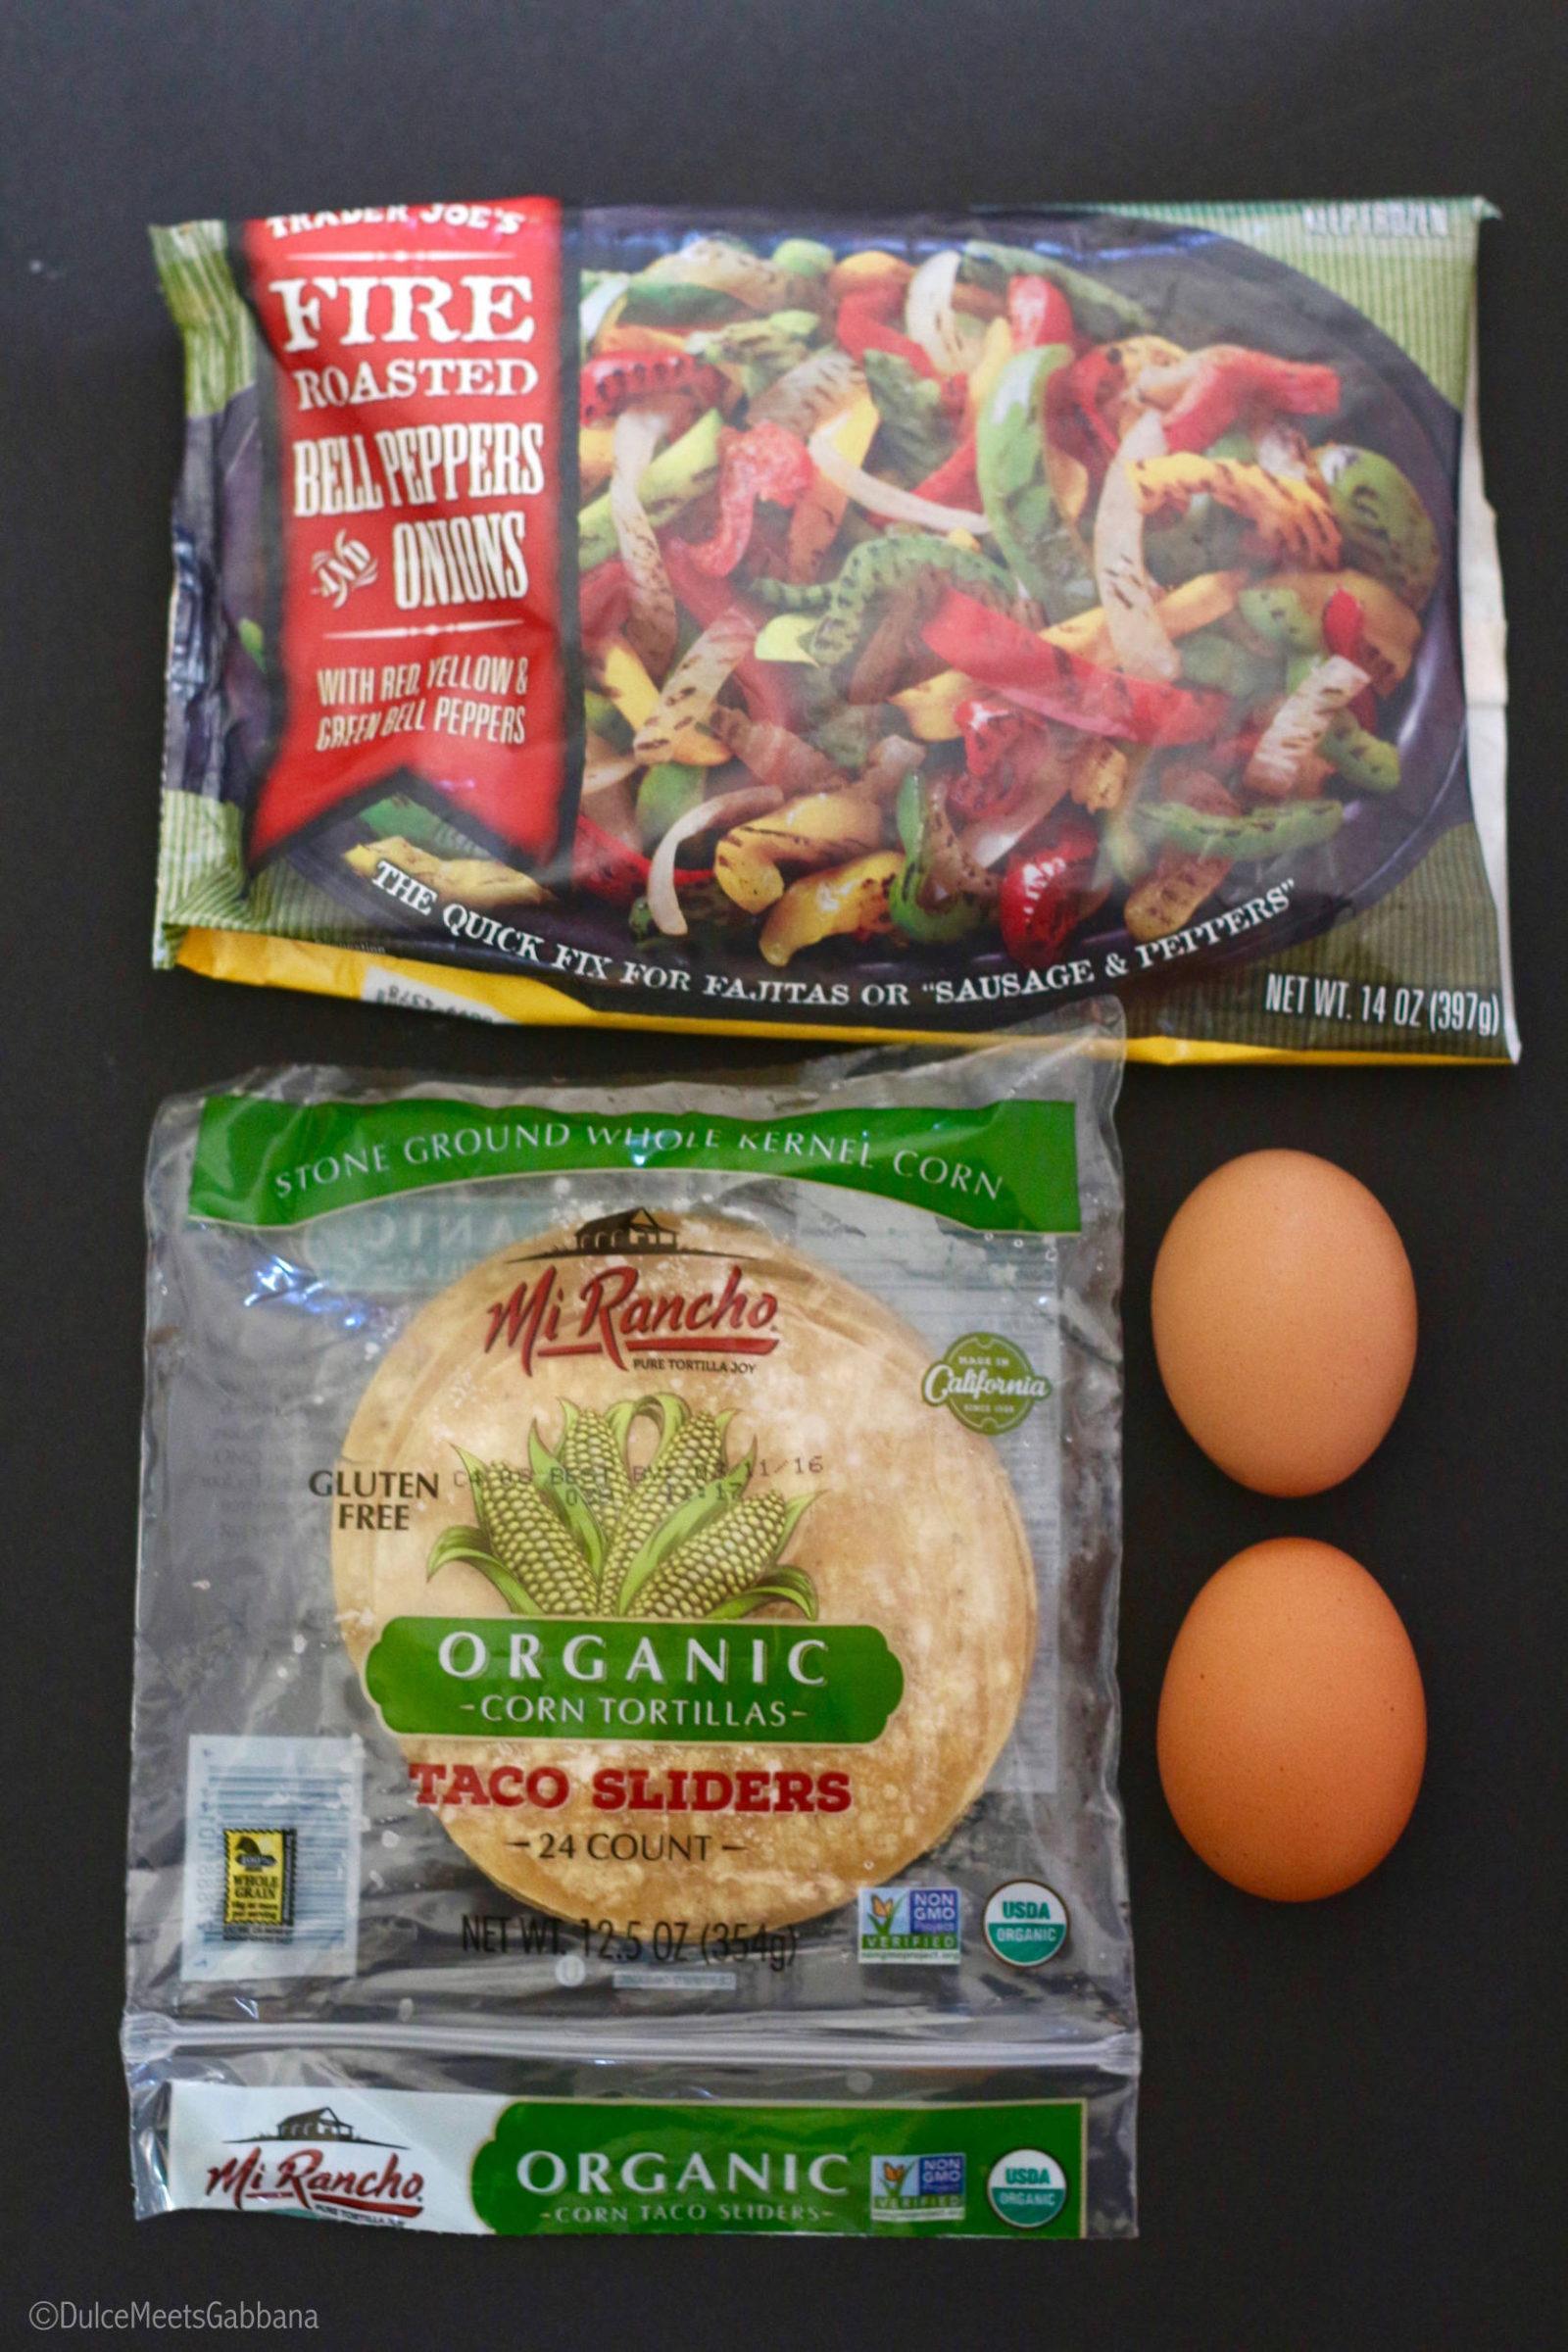 Breakfast_Tacos_Ingredients_Fotor